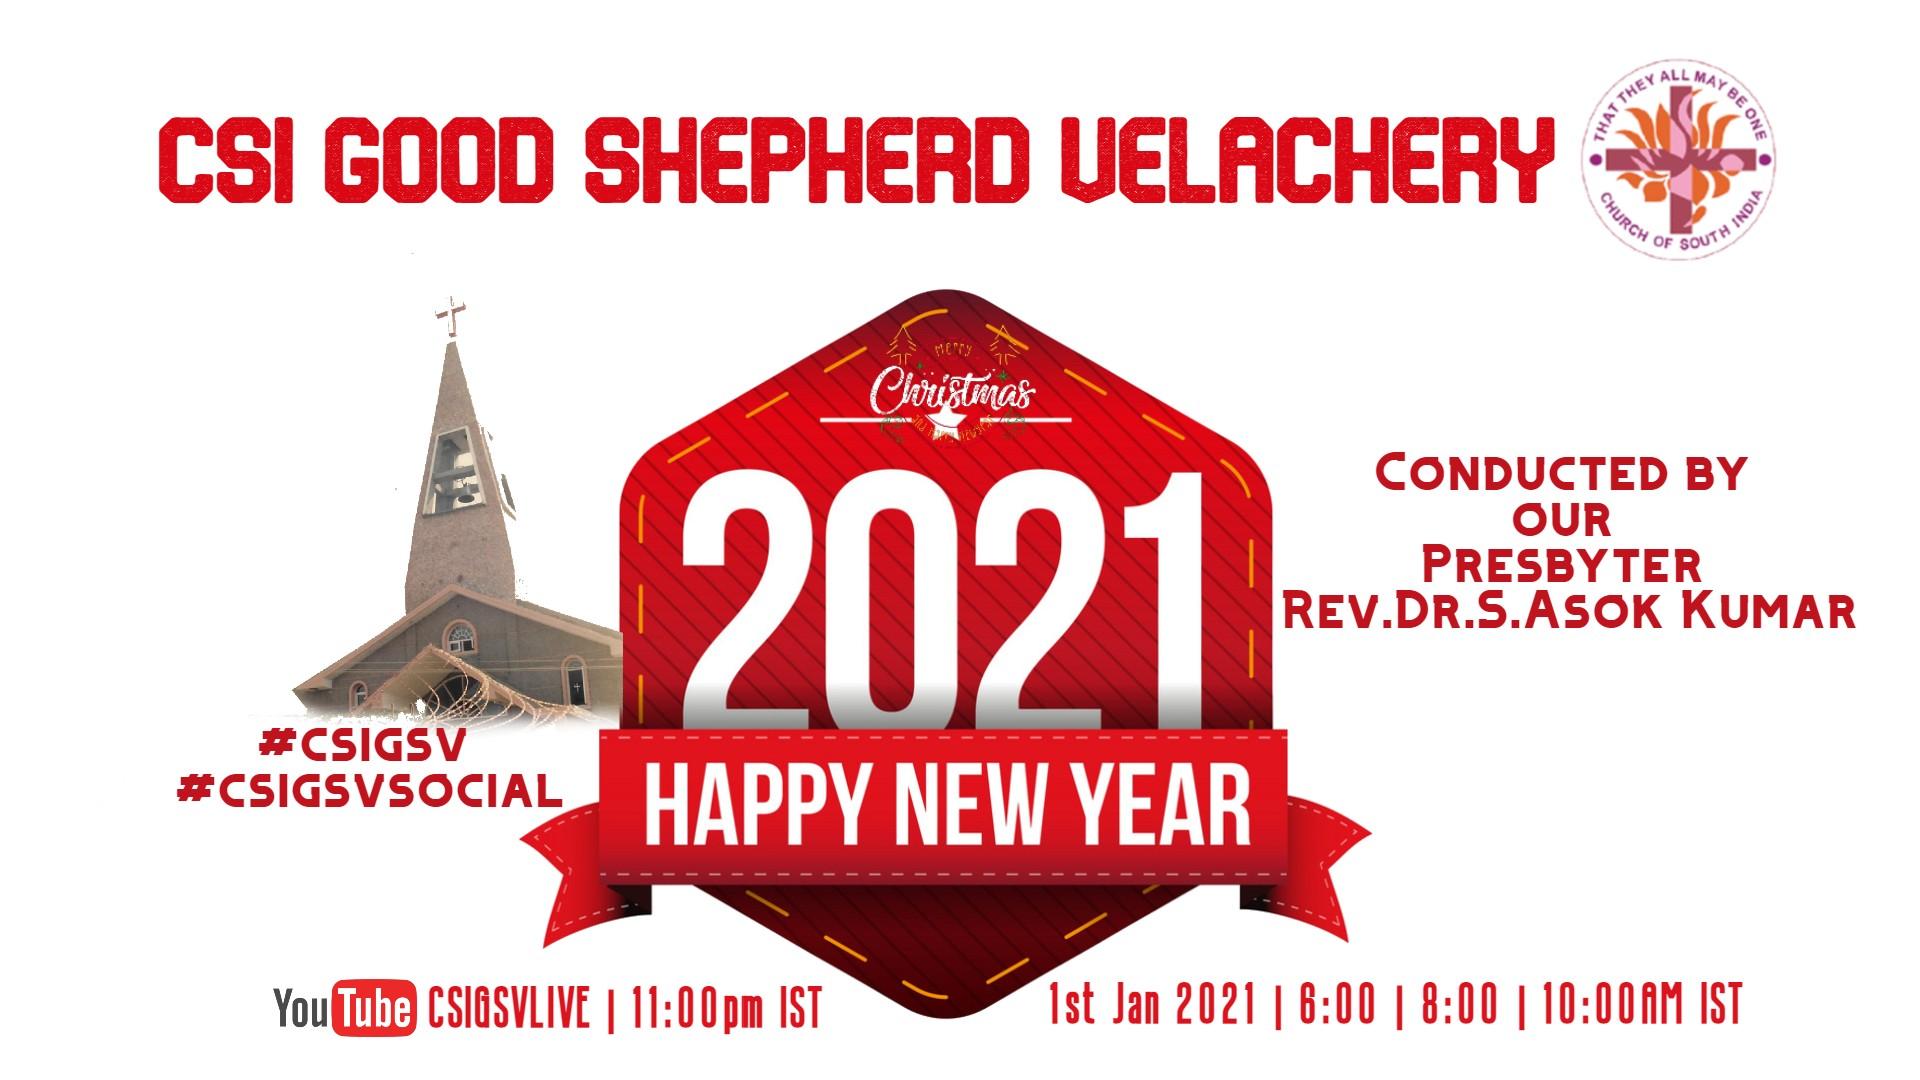 happy-new-year-2021csigsv